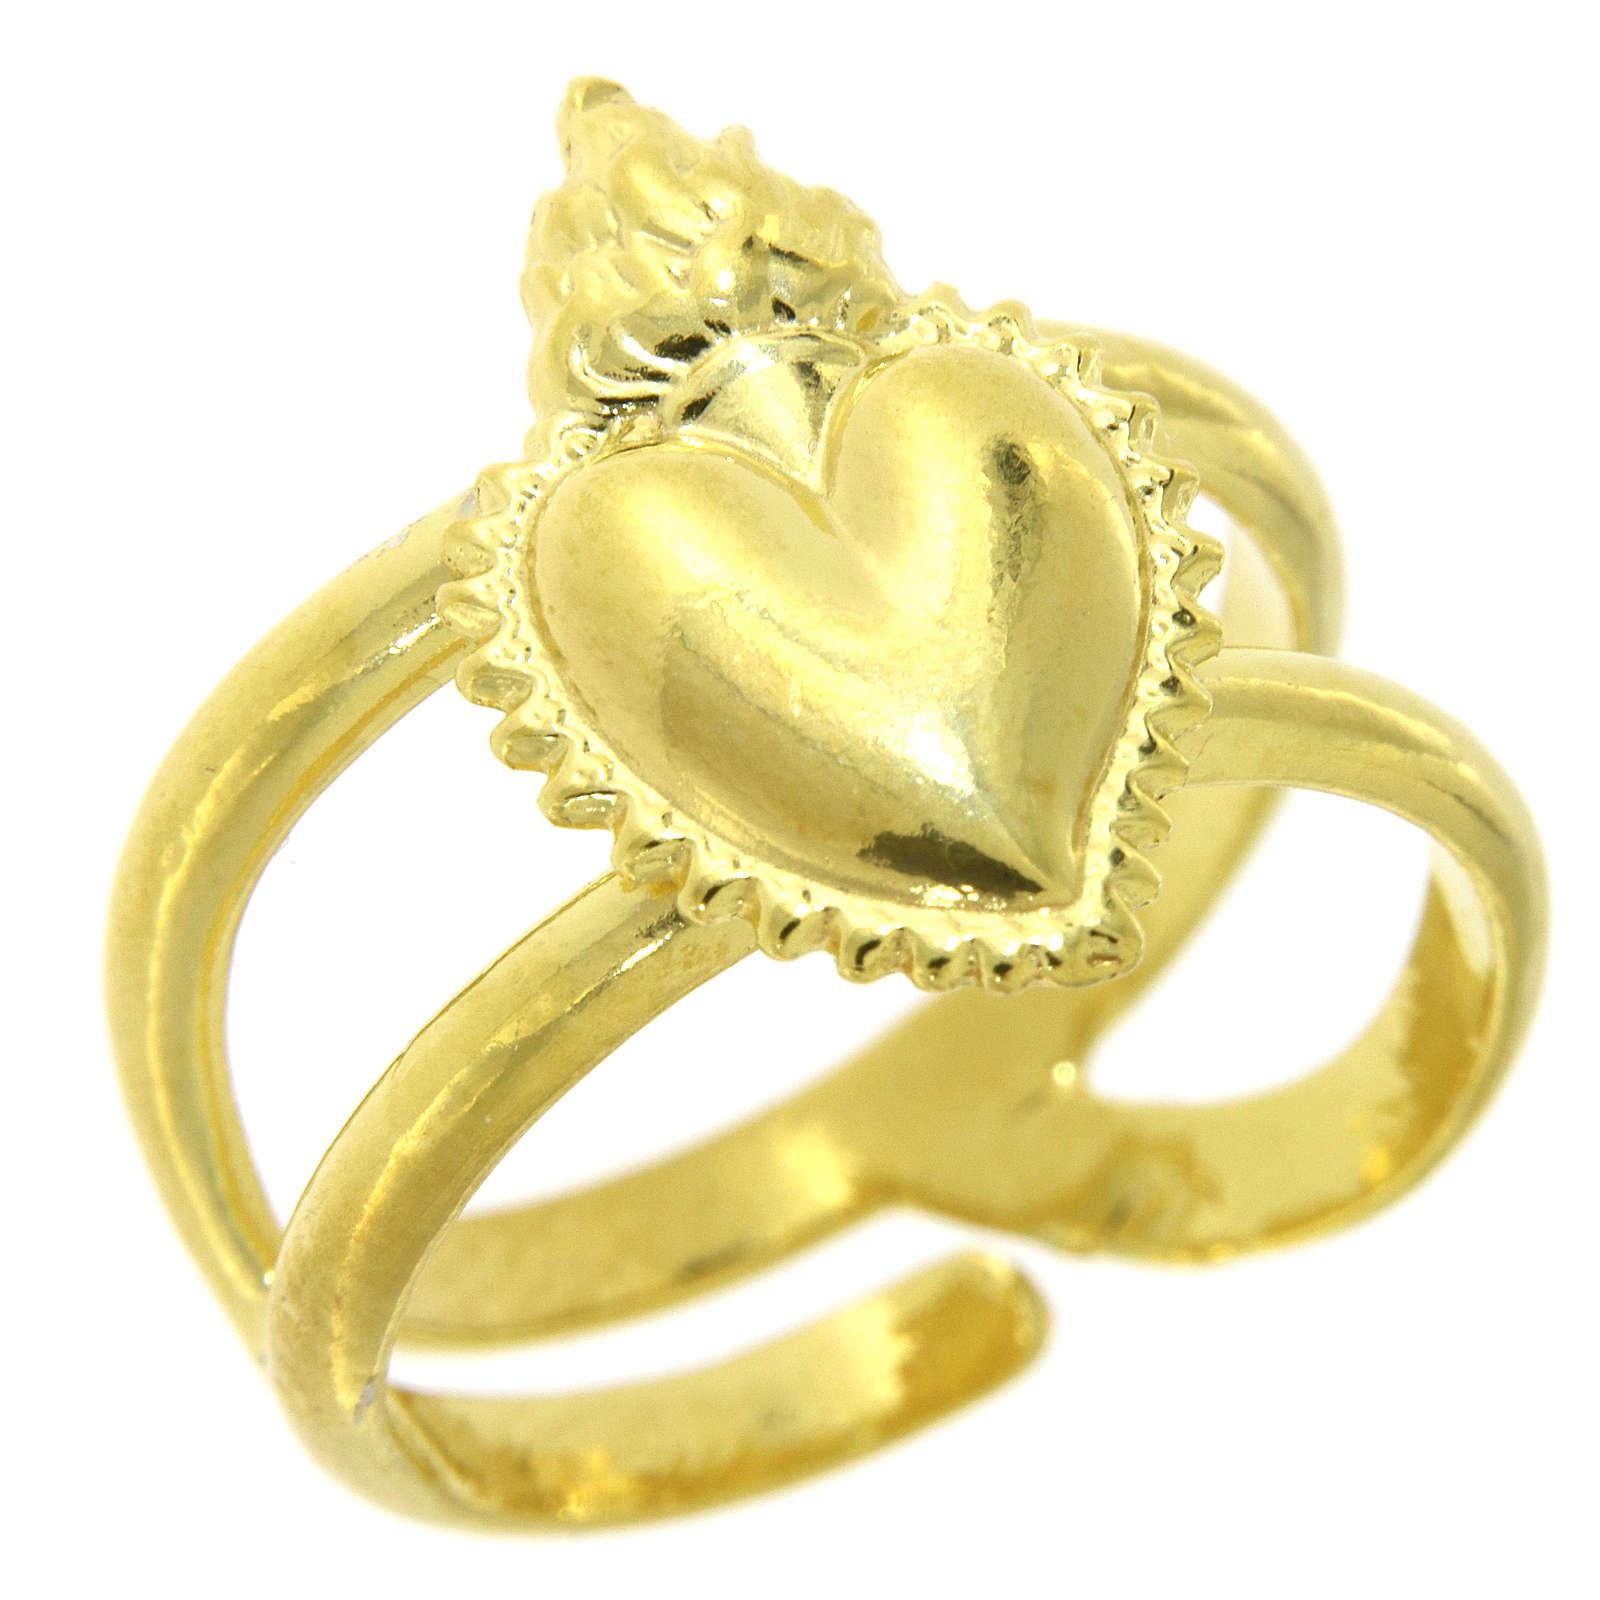 Anello dorato in argento 925 con cuore votivo pieno regolabile 3